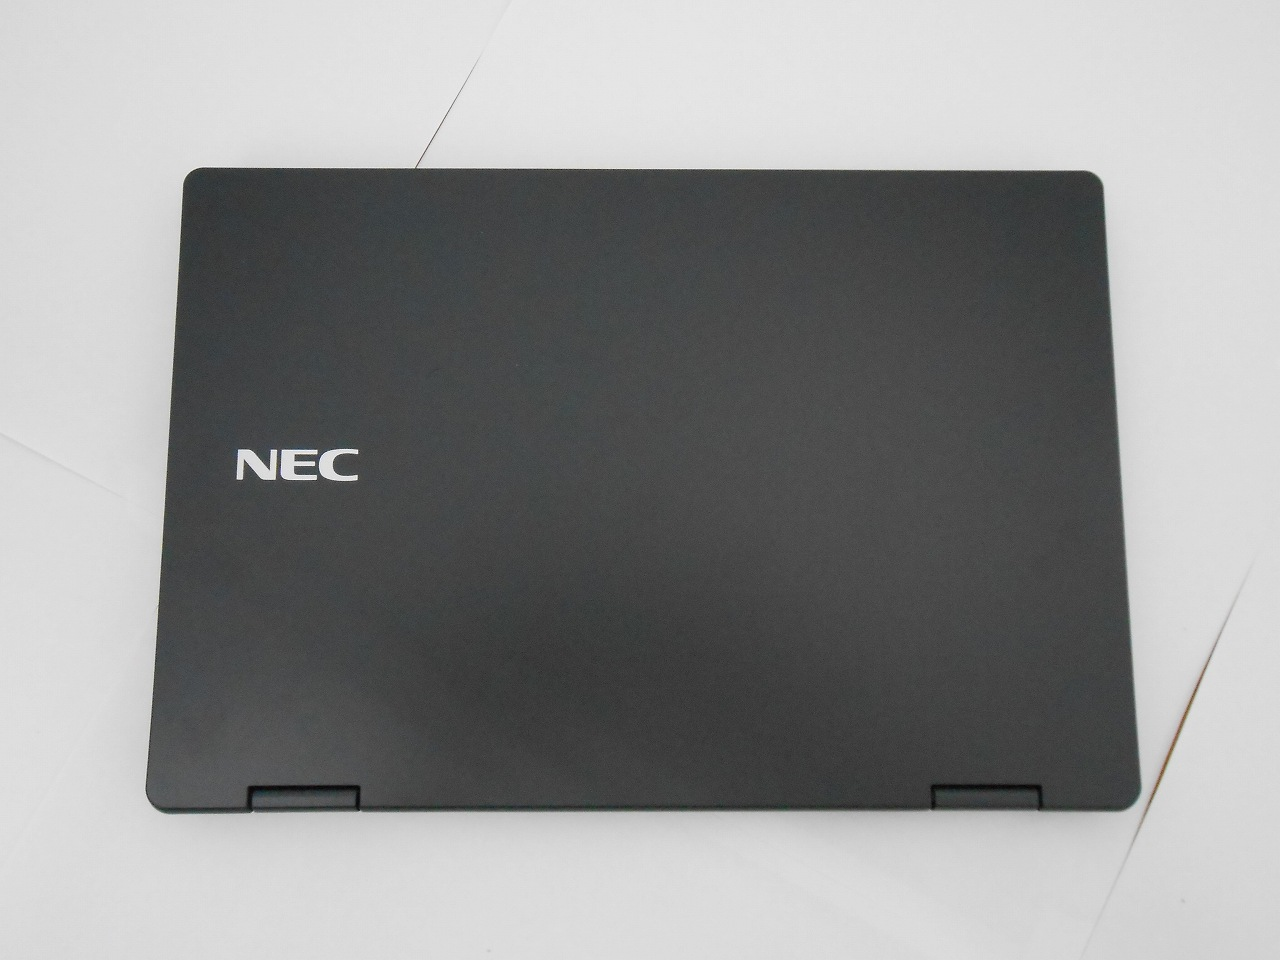 【新品未使用展示品】 NEC VersaPro VKT13H-5/2019年モデル/Corei5 8200Y 1.3GHz/メモリ8GB/SSD128GB/12インチ/Windows10Pro【3ヶ月保証】【足立店発送】